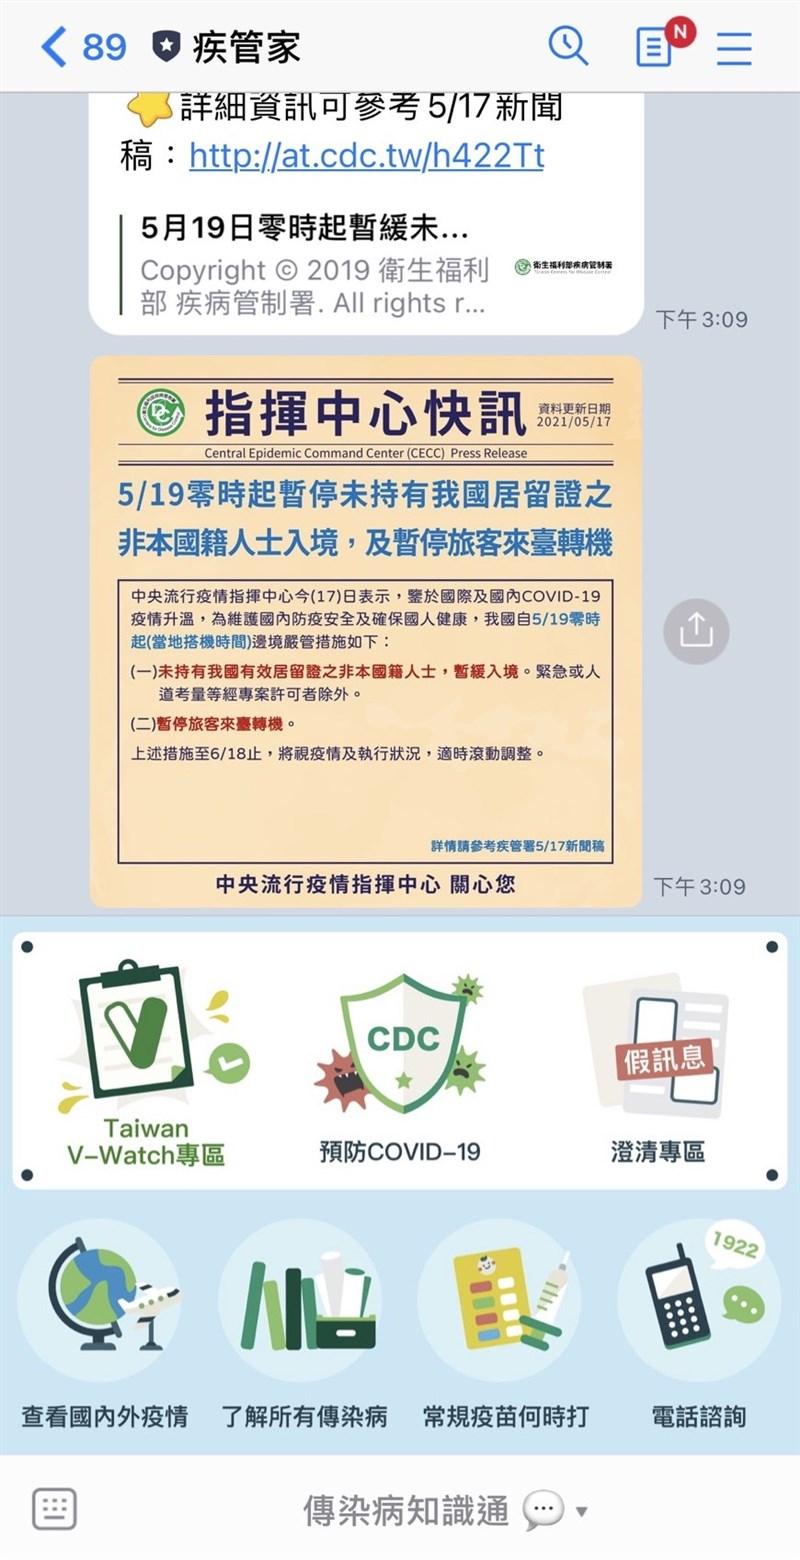 行政院長蘇貞昌17日說,疫情相關訊息多,請民眾加入疾管署的LINE頻道「疾管家」,切勿散播假訊息。(圖取自疾管家LINE帳號)